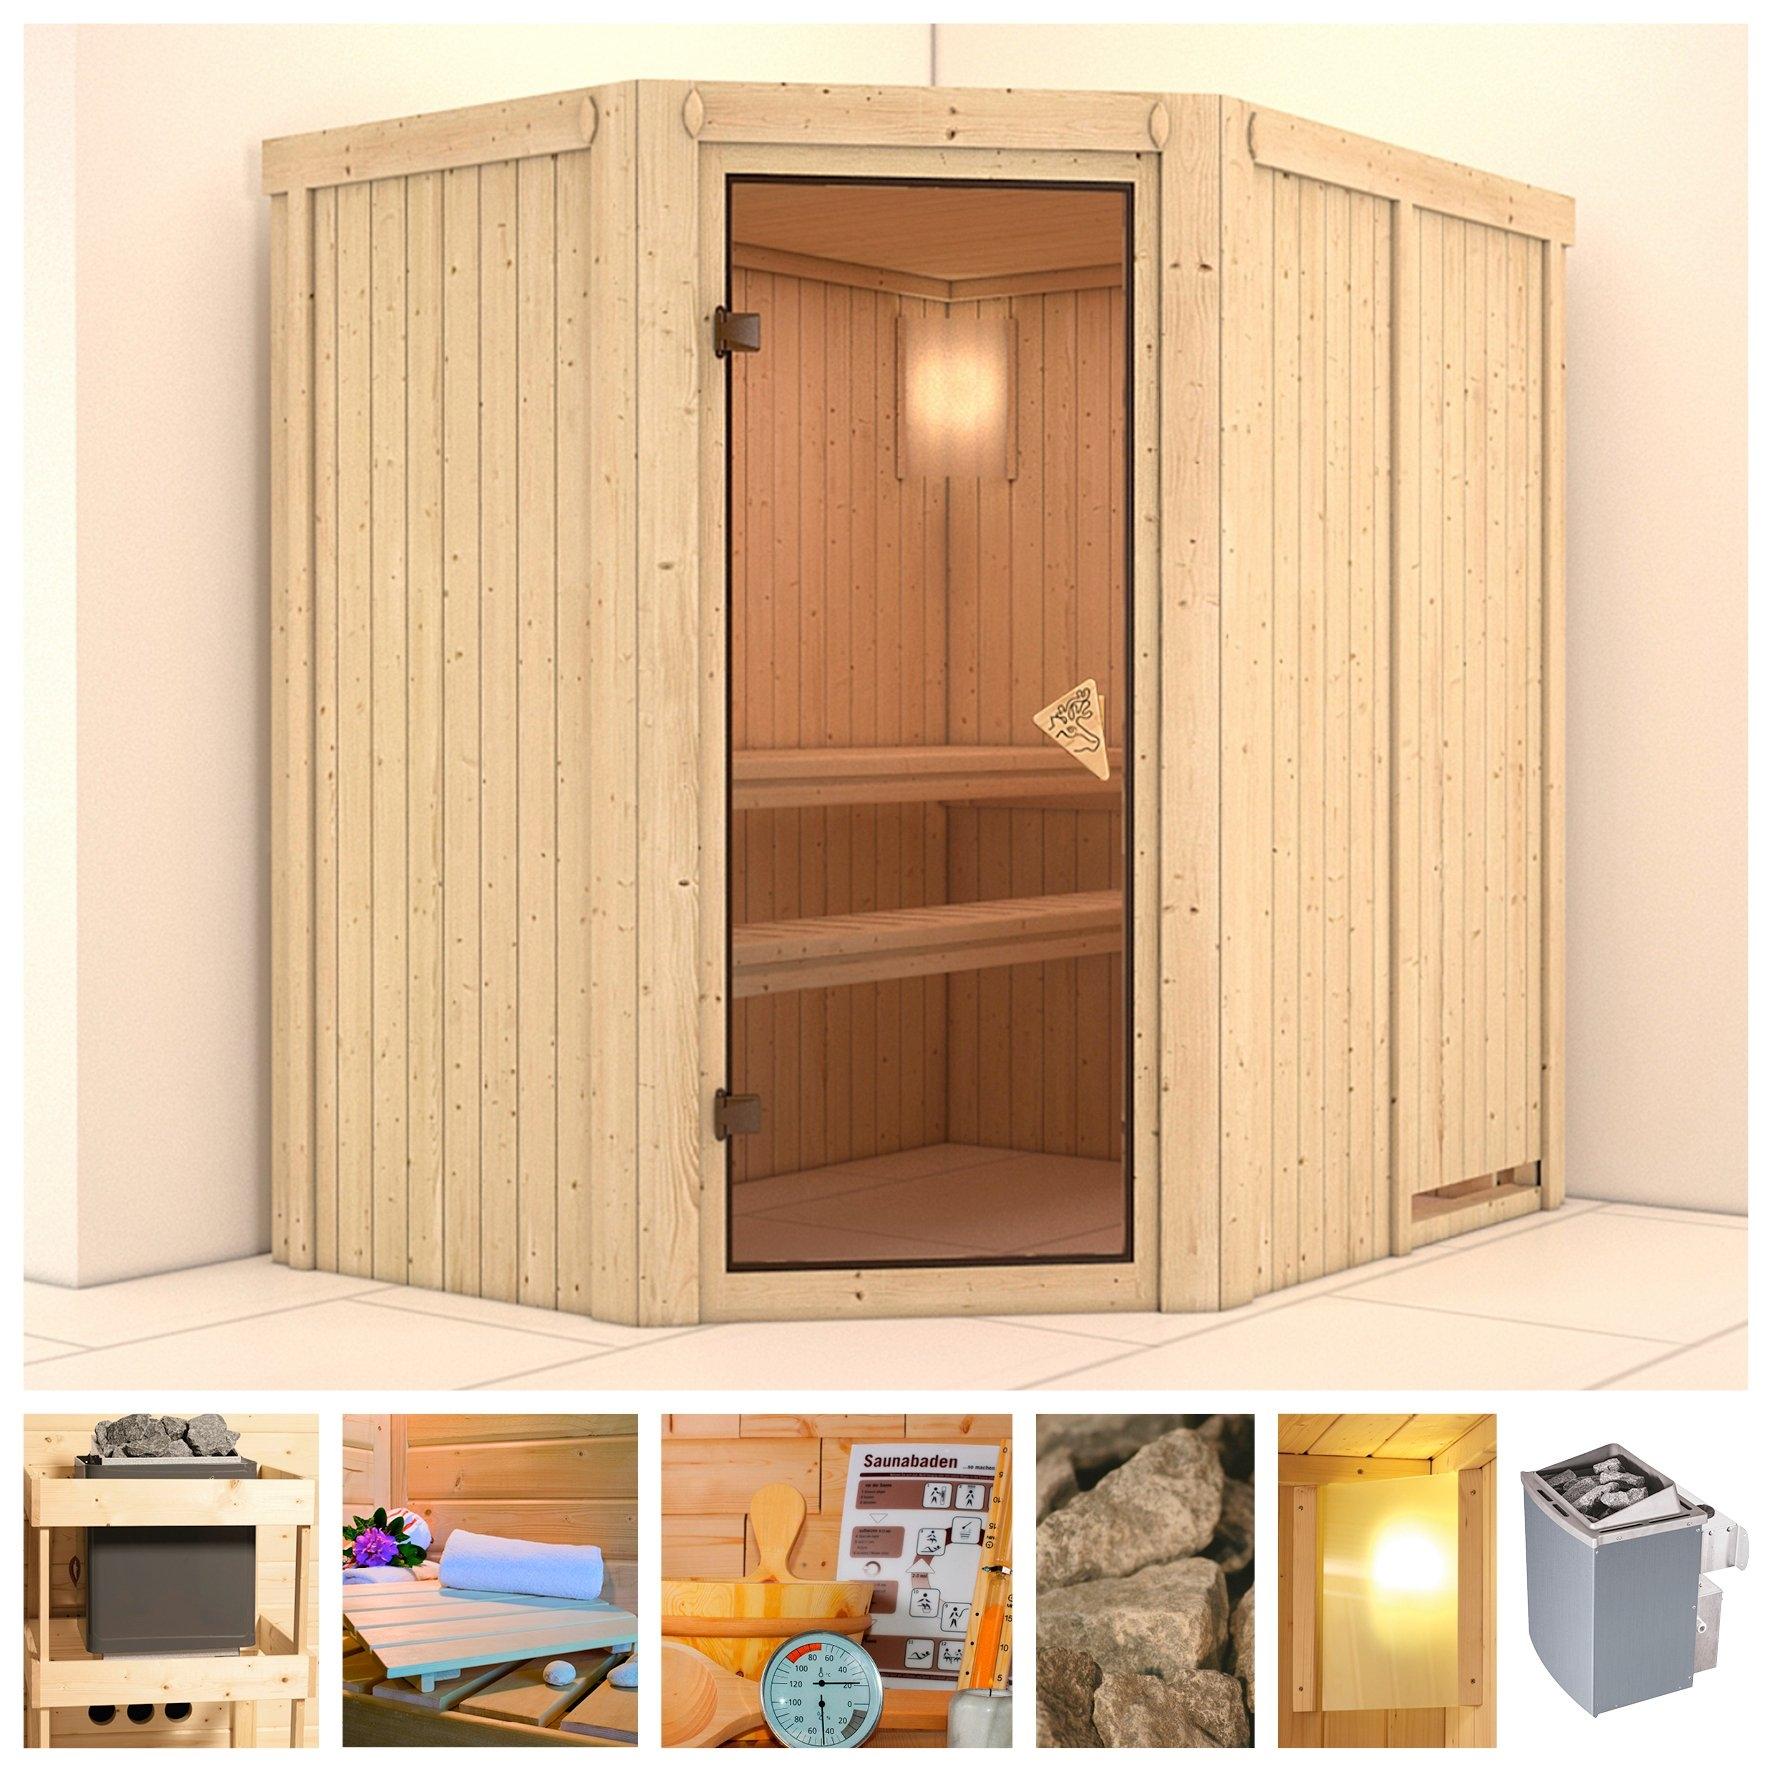 KONIFERA sauna »Carin«, 196x151x198 cm, 9 kW Ofen mit int. Steuerung bij OTTO online kopen